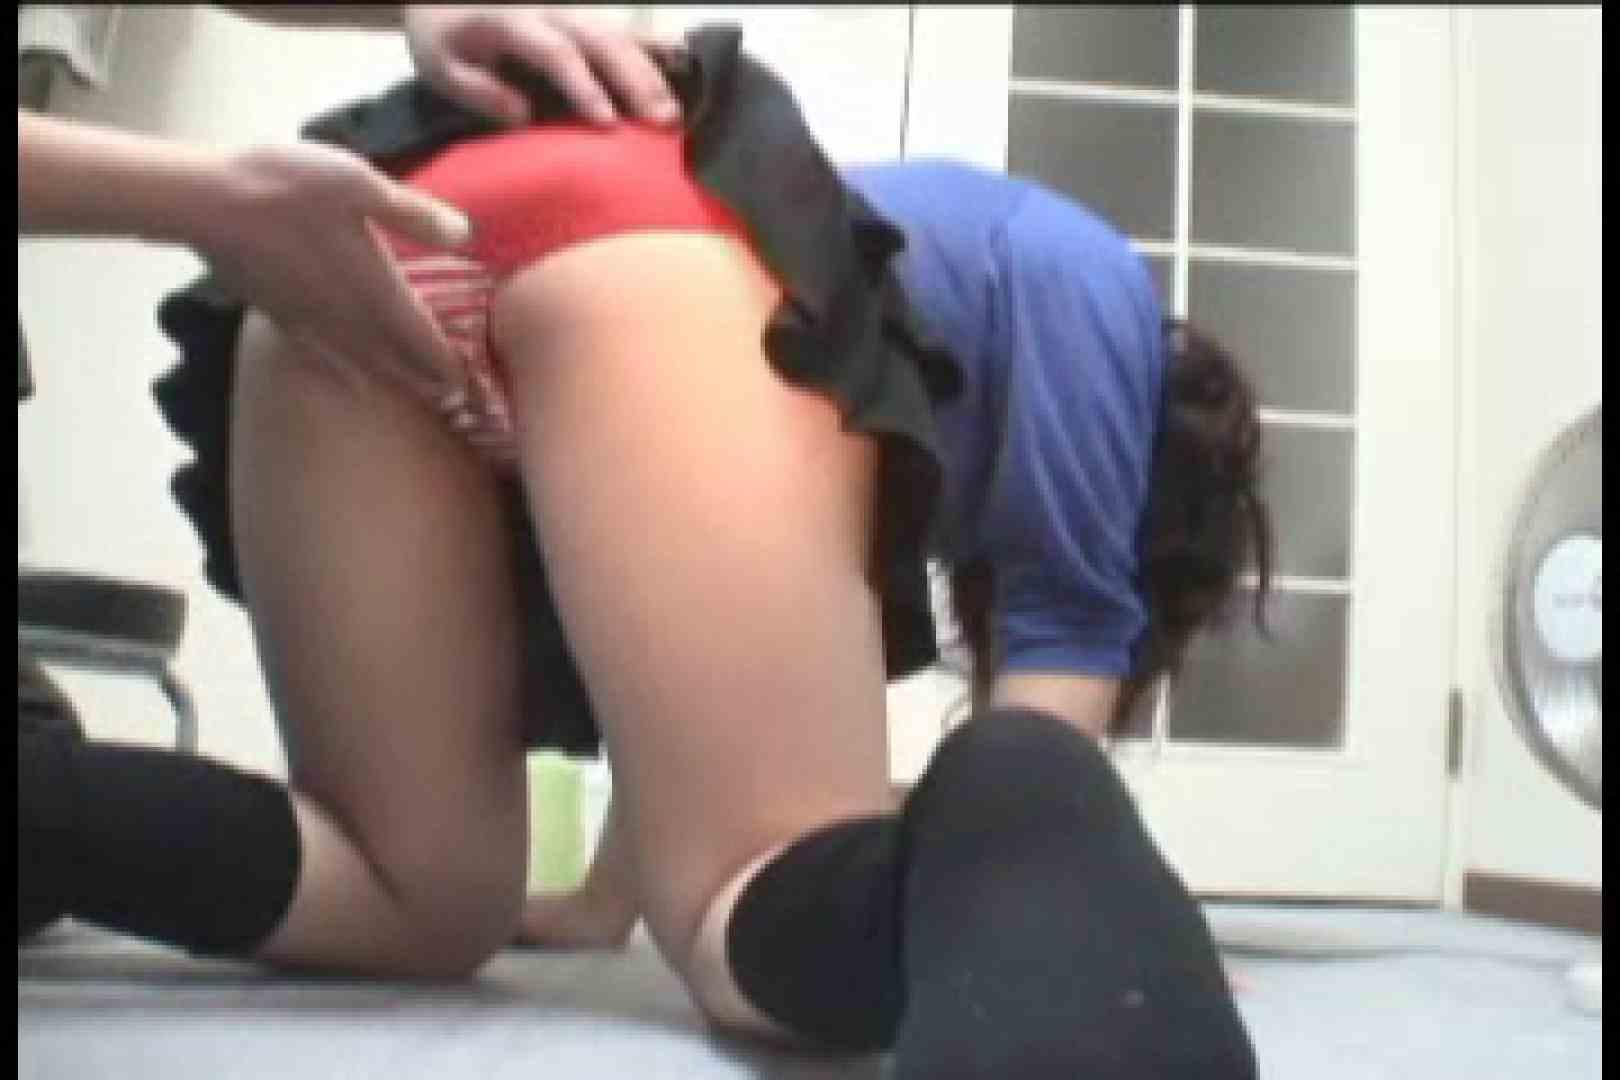 パンツ売りの女の子 けいちゃんvol.1 ぽっちゃり  87pic 54